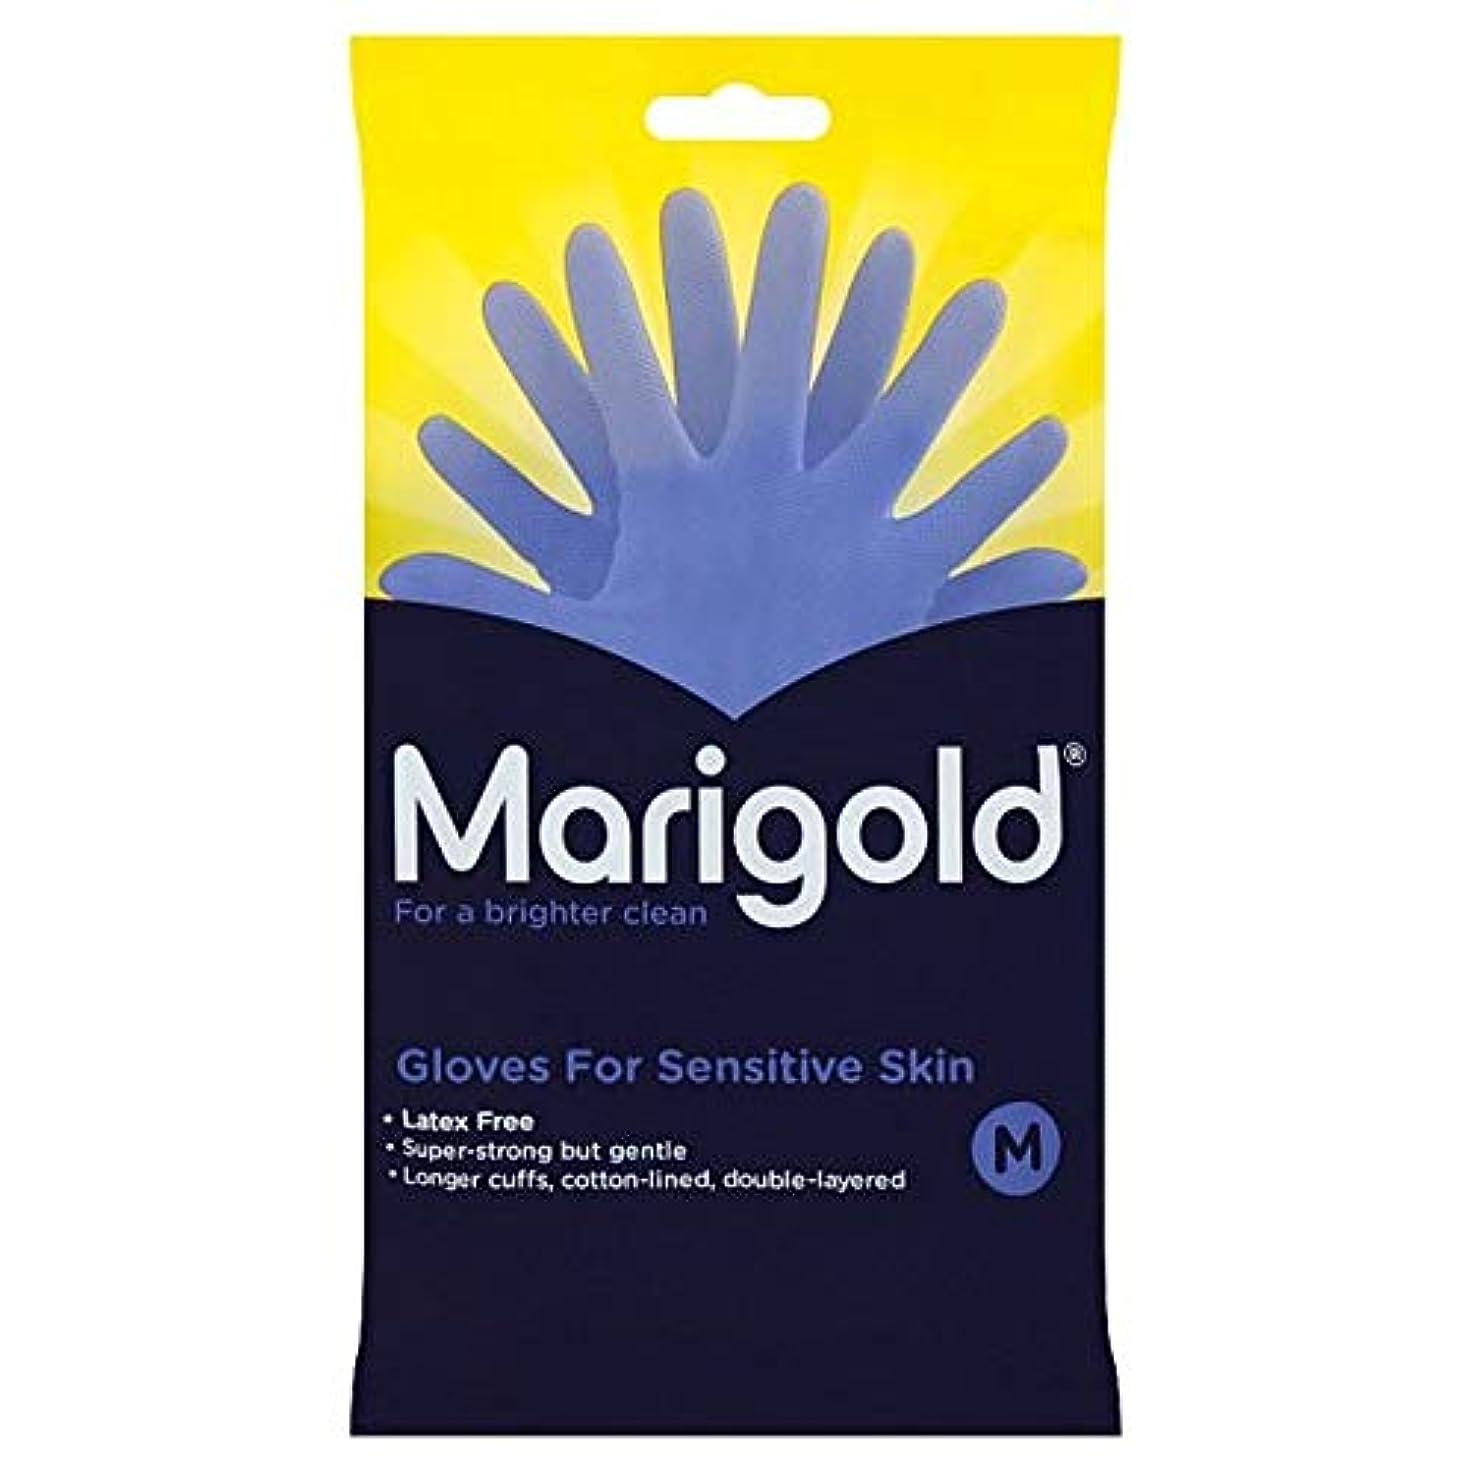 容疑者ソフィー終点[Marigold] マリーゴールド敏感手袋媒体1ペア - Marigold Sensitive Gloves Medium 1 Pair [並行輸入品]